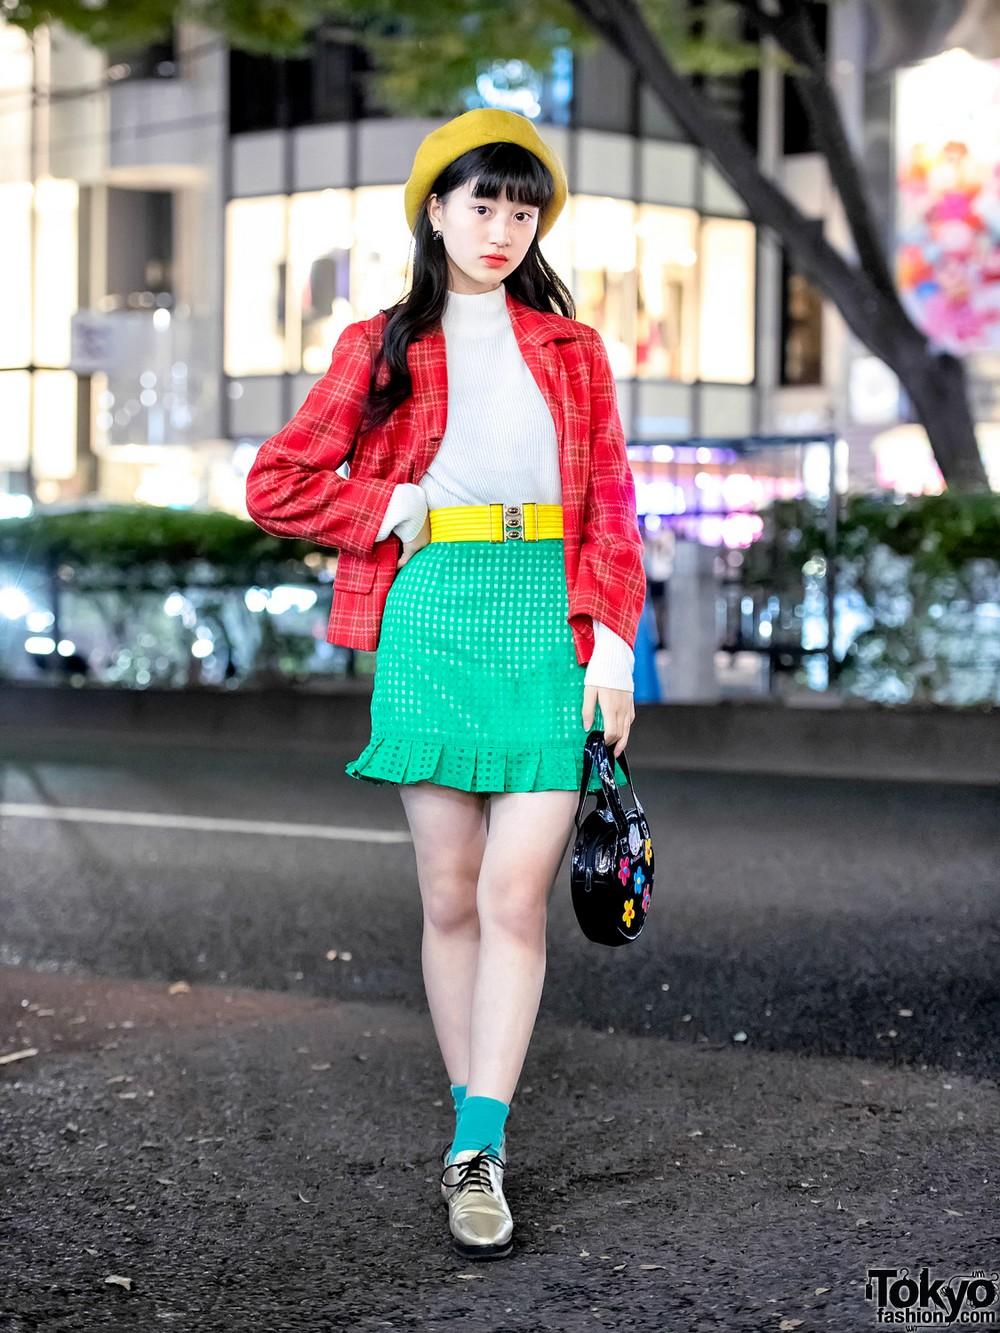 Модные и интересные персонажи с улиц Токио - 25 (40 фото)